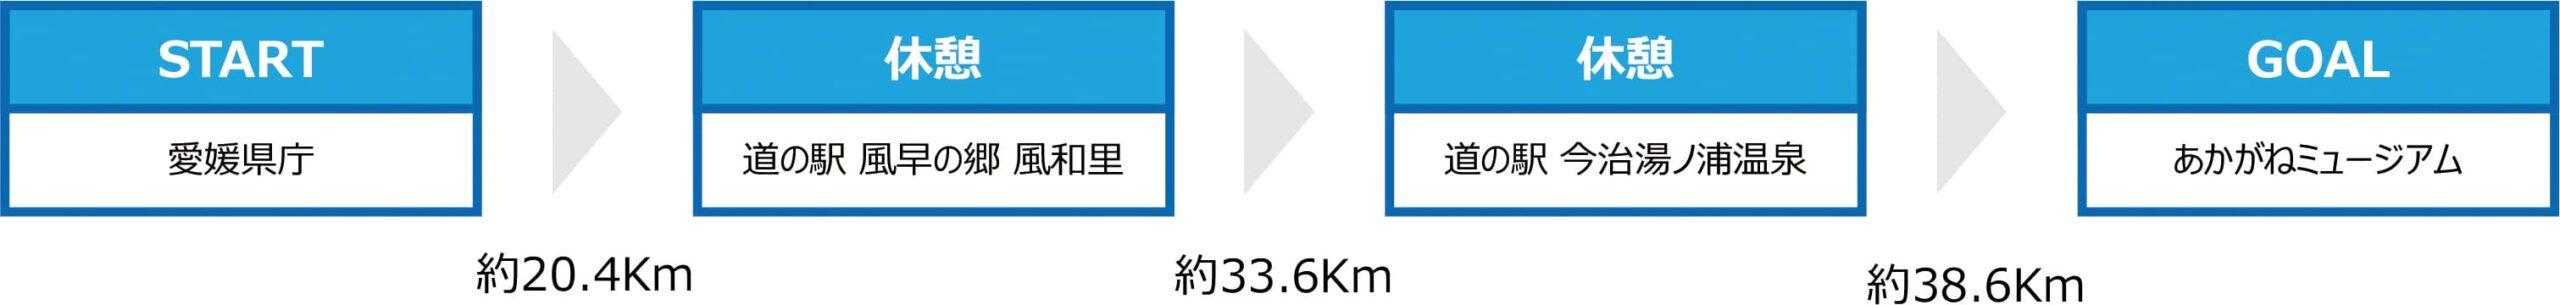 四国一周サイクリング「CHALLENGE1,000kmプロジェクト」を楽しく安全にスタートするための「四国一周サポートRIDE」/愛媛県サイクリングプロジェクト